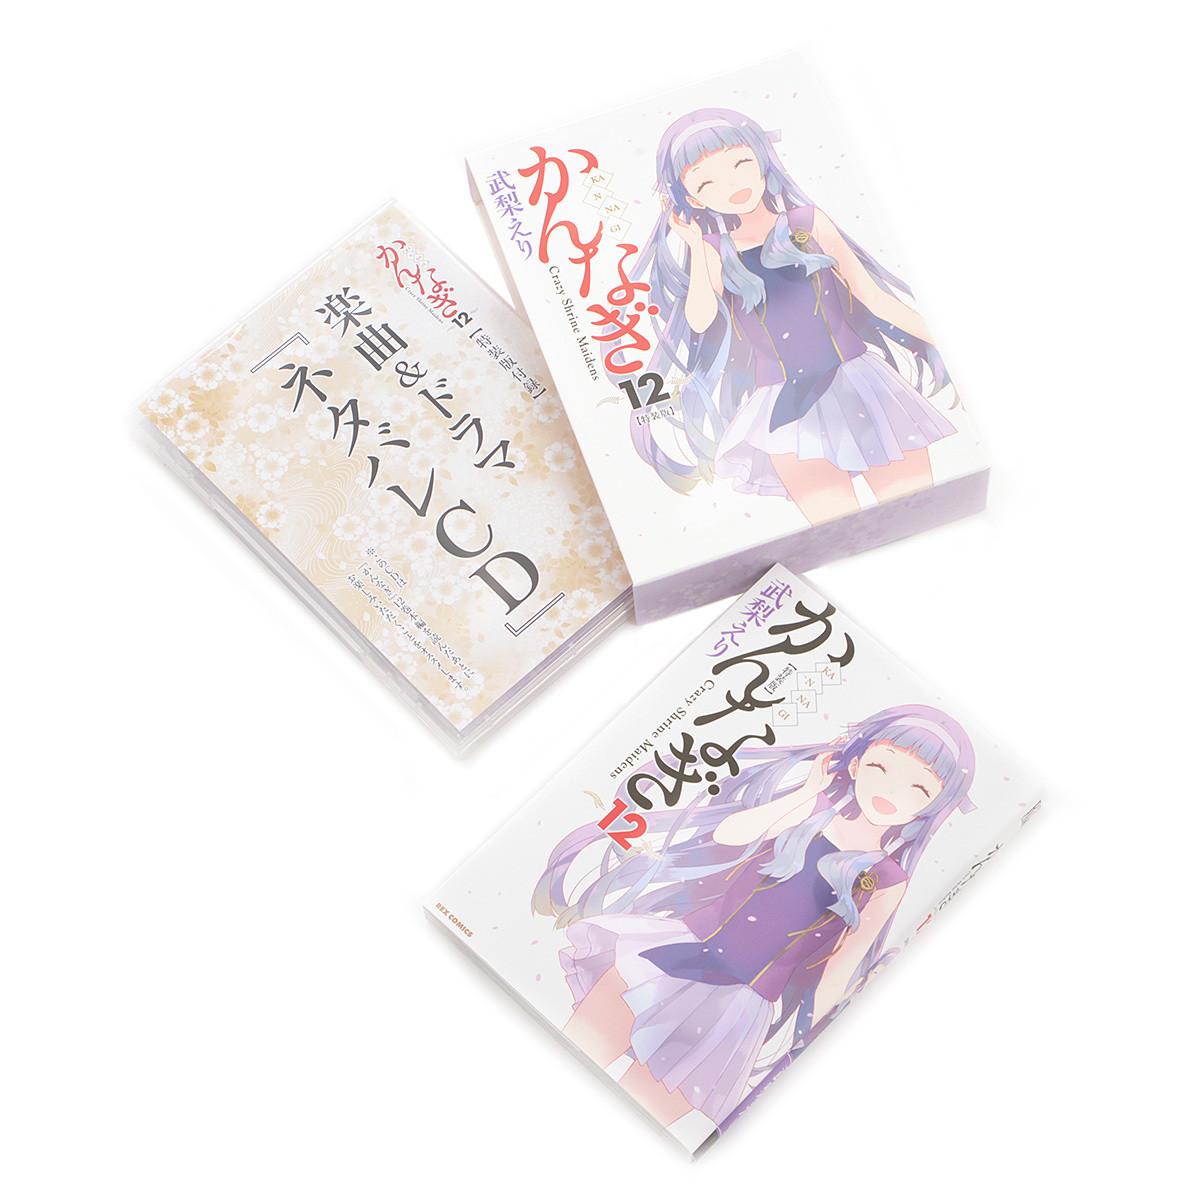 JAPAN Eri Takenashi manga Kannagi Crazy Shrine Maidens vol.7